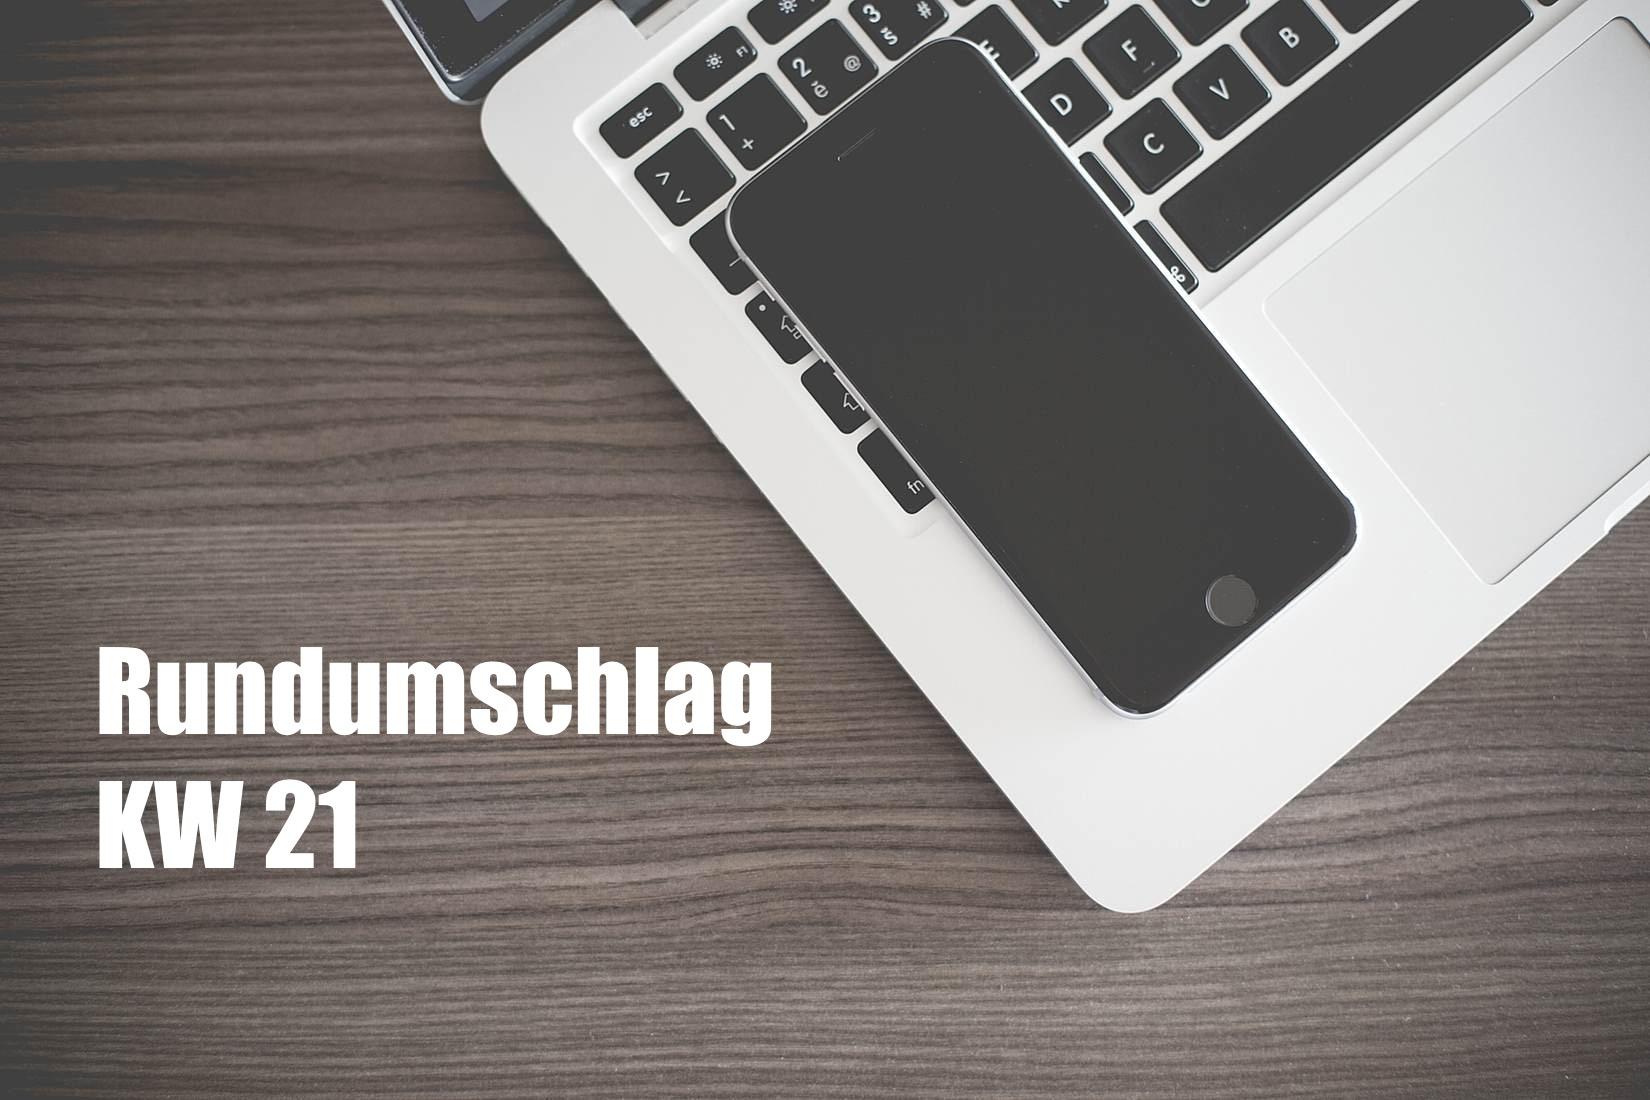 Rundumschlag KW 21 (2016)